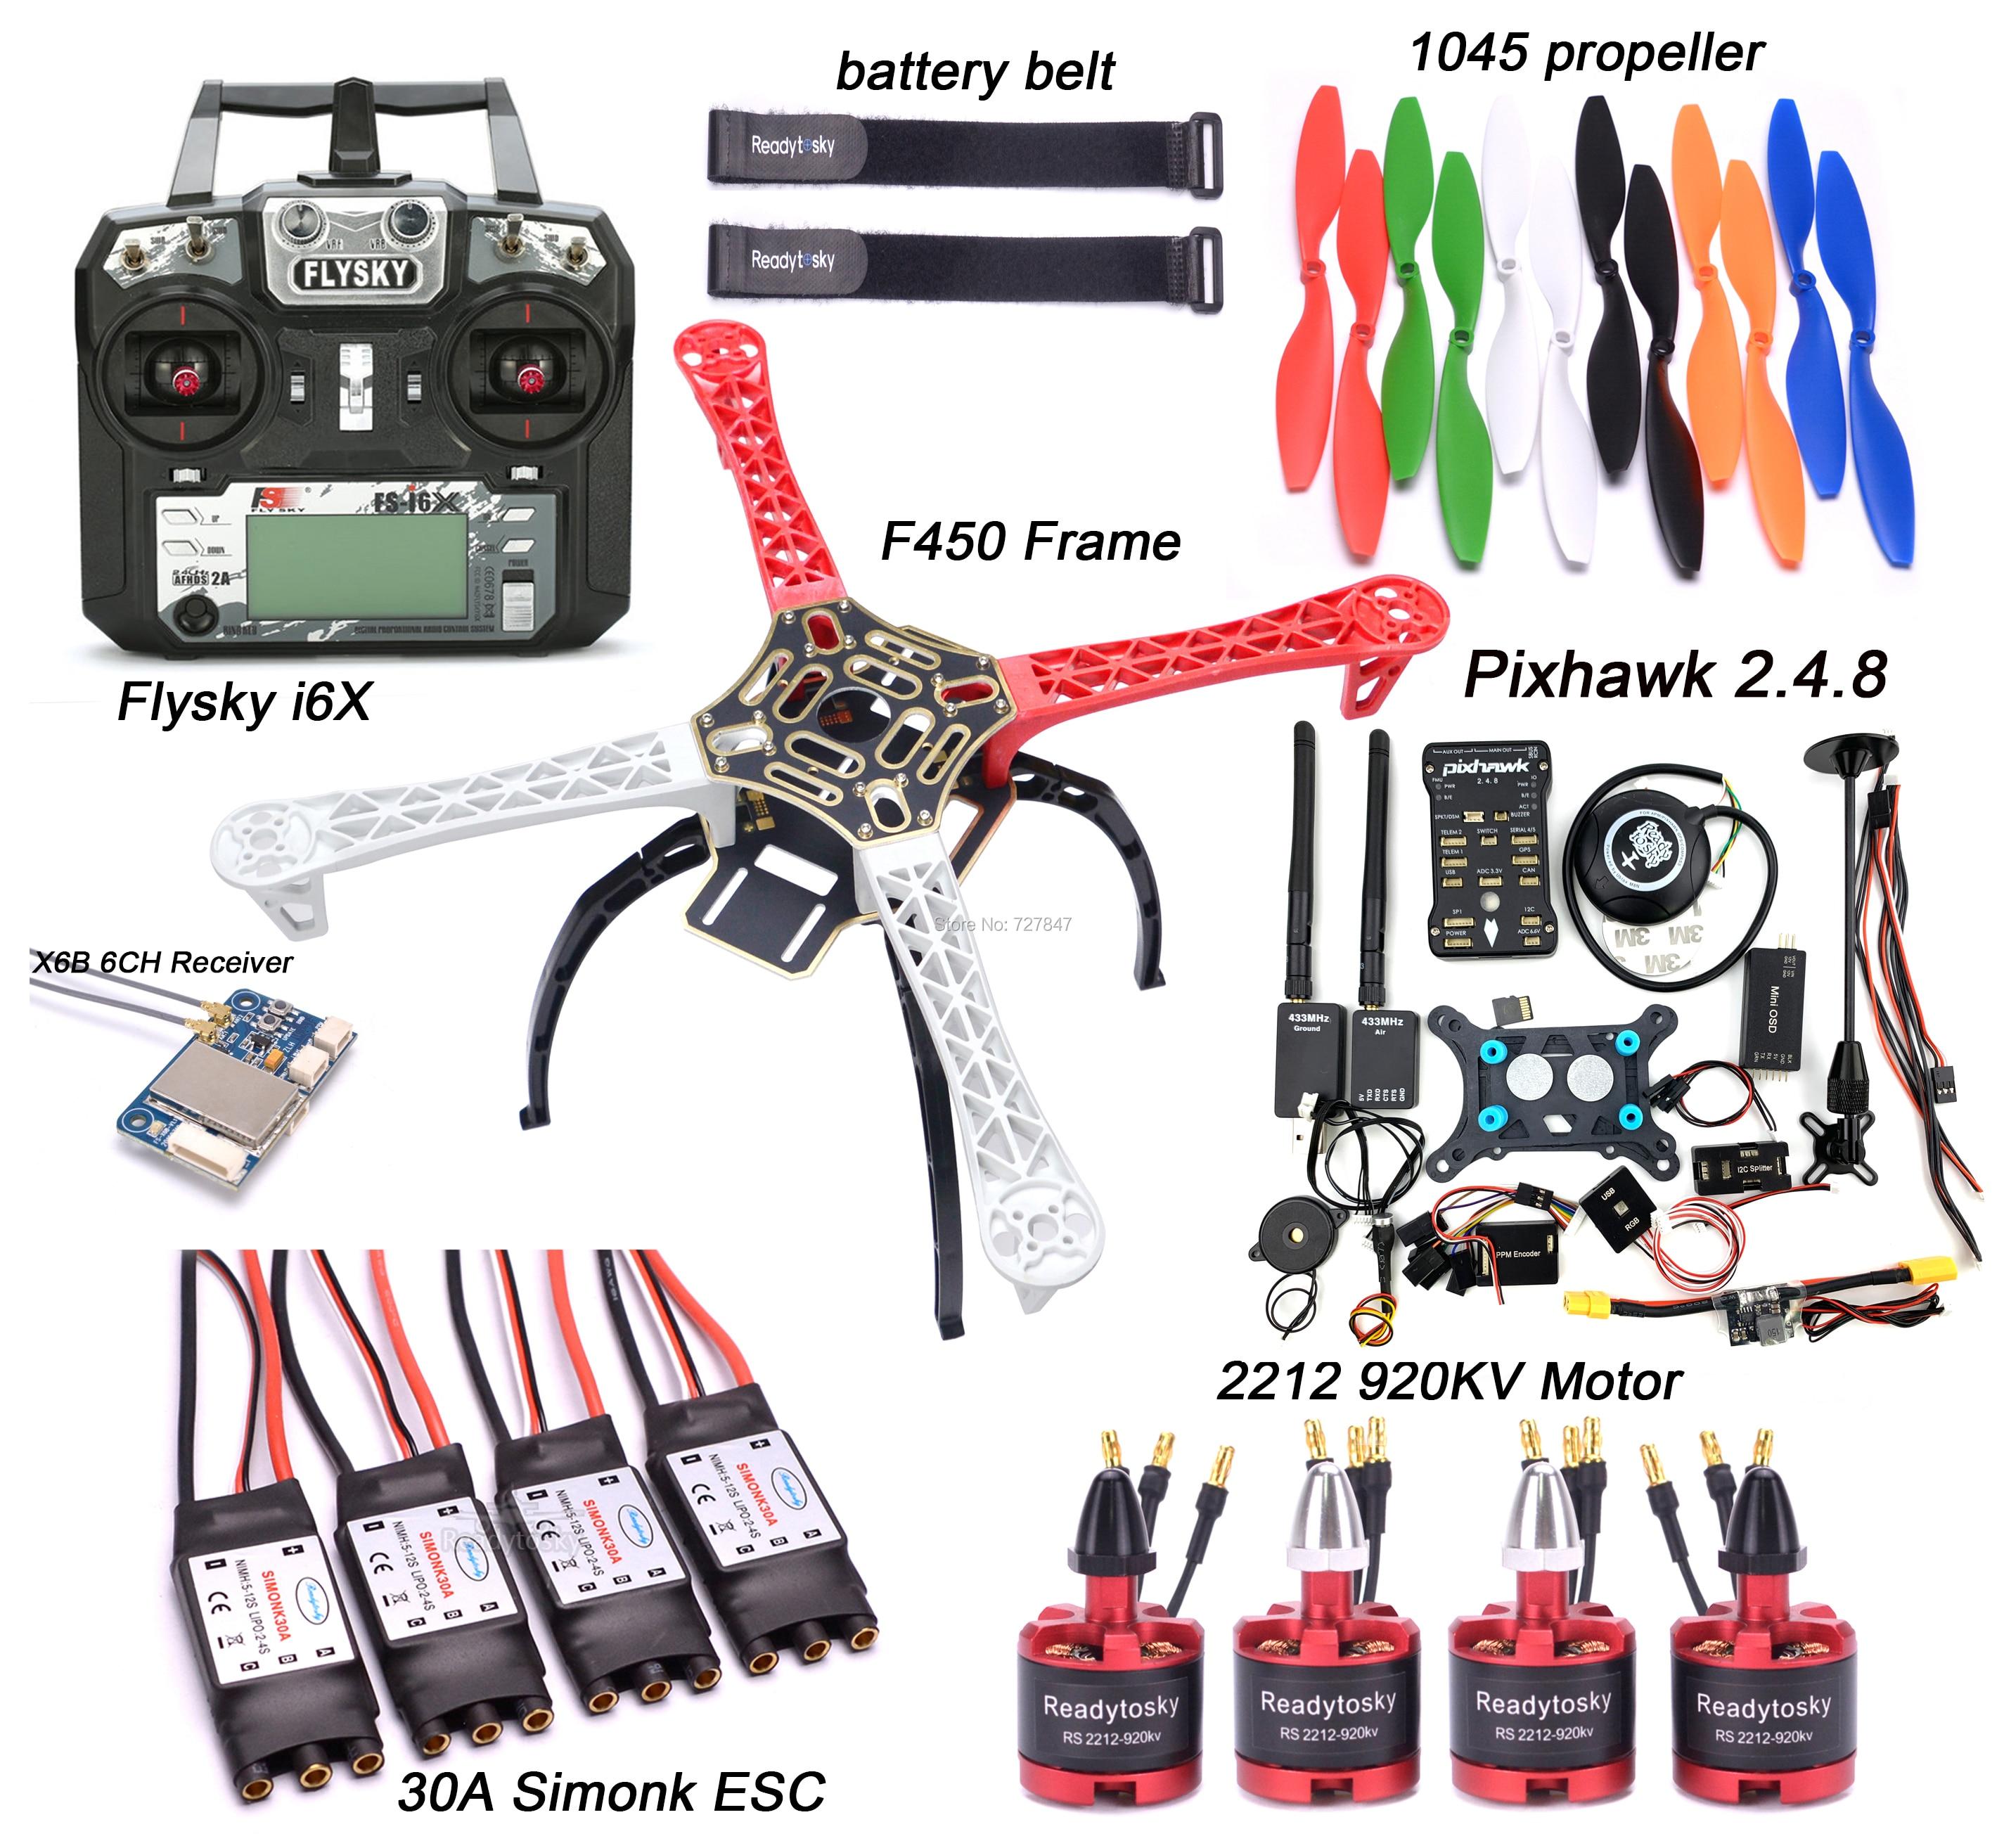 F450 450mm Quadcopter Frame Kit PIXHAWK 2.4.8 Flight control M8N GPS 30A Simonk Brushless ESC 2212 920KV Motor Flysky I6X + X6B